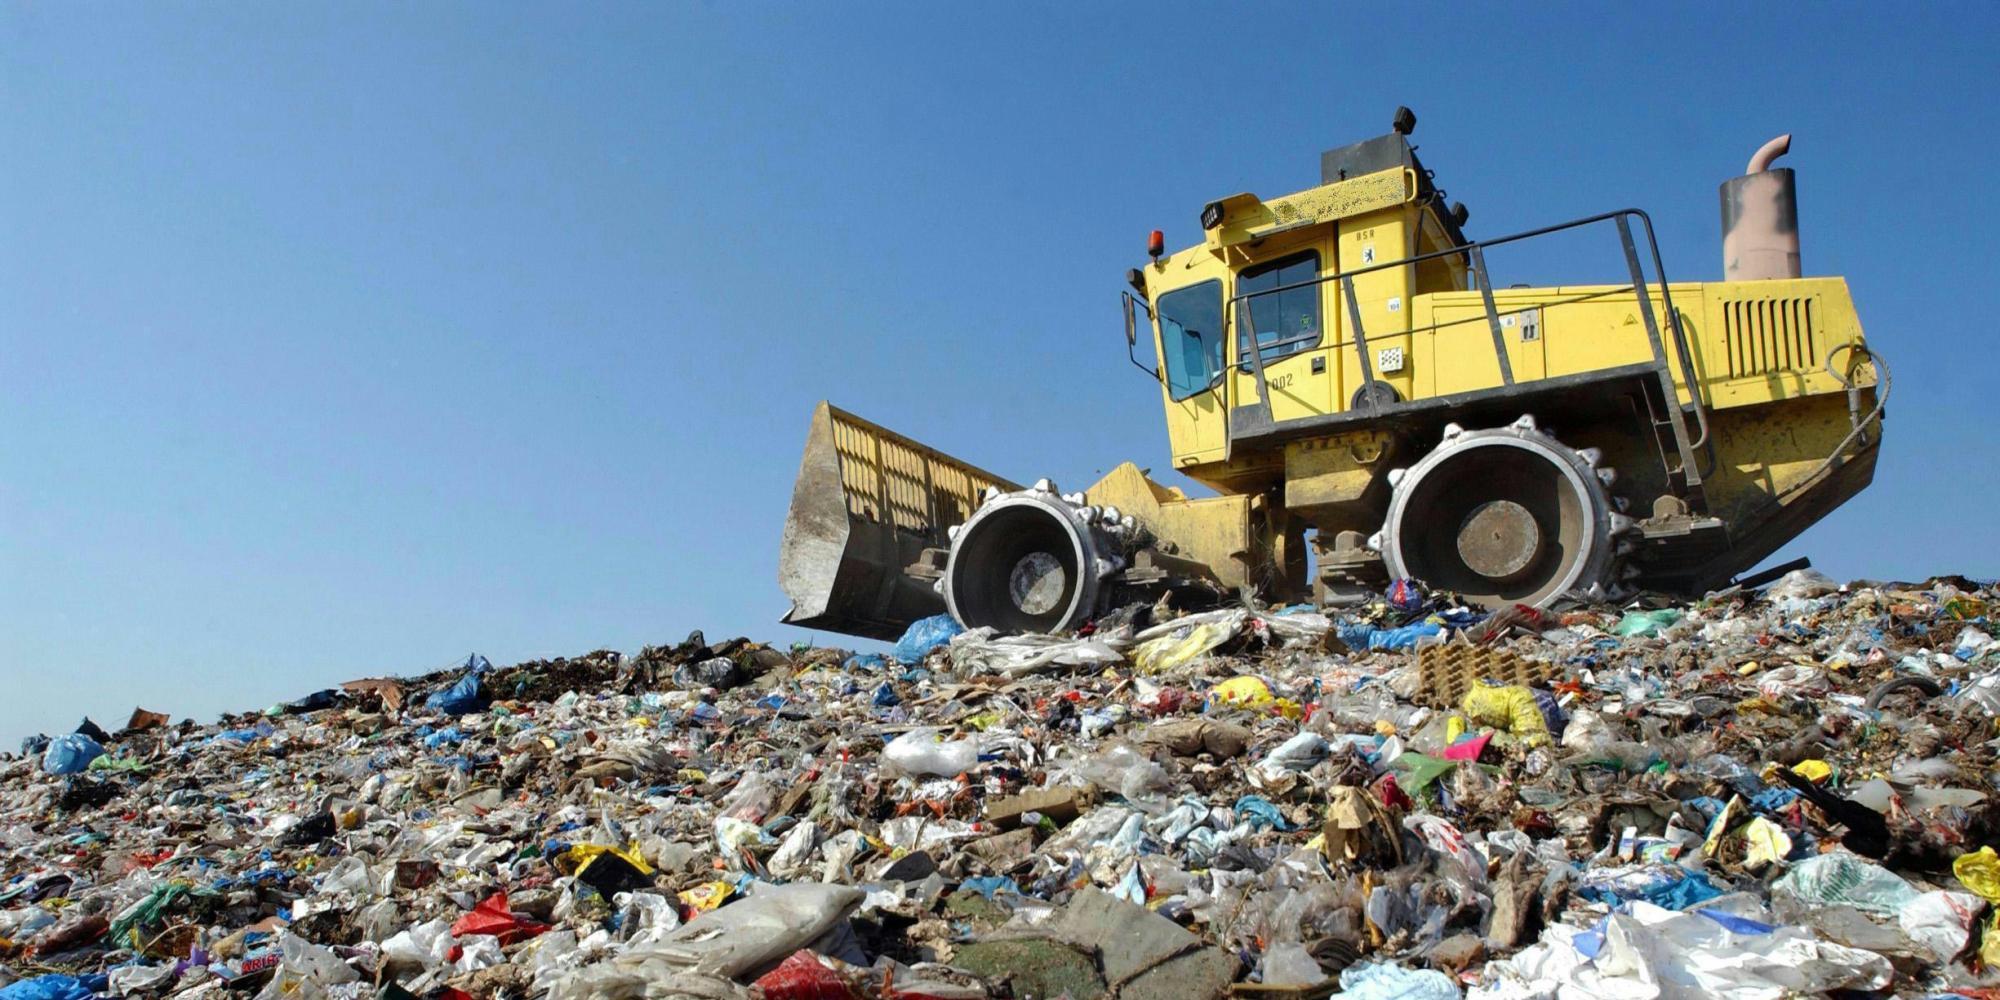 ecosostenibilità la cina blocca l'importazione di rifiuti problema per il mondo intero